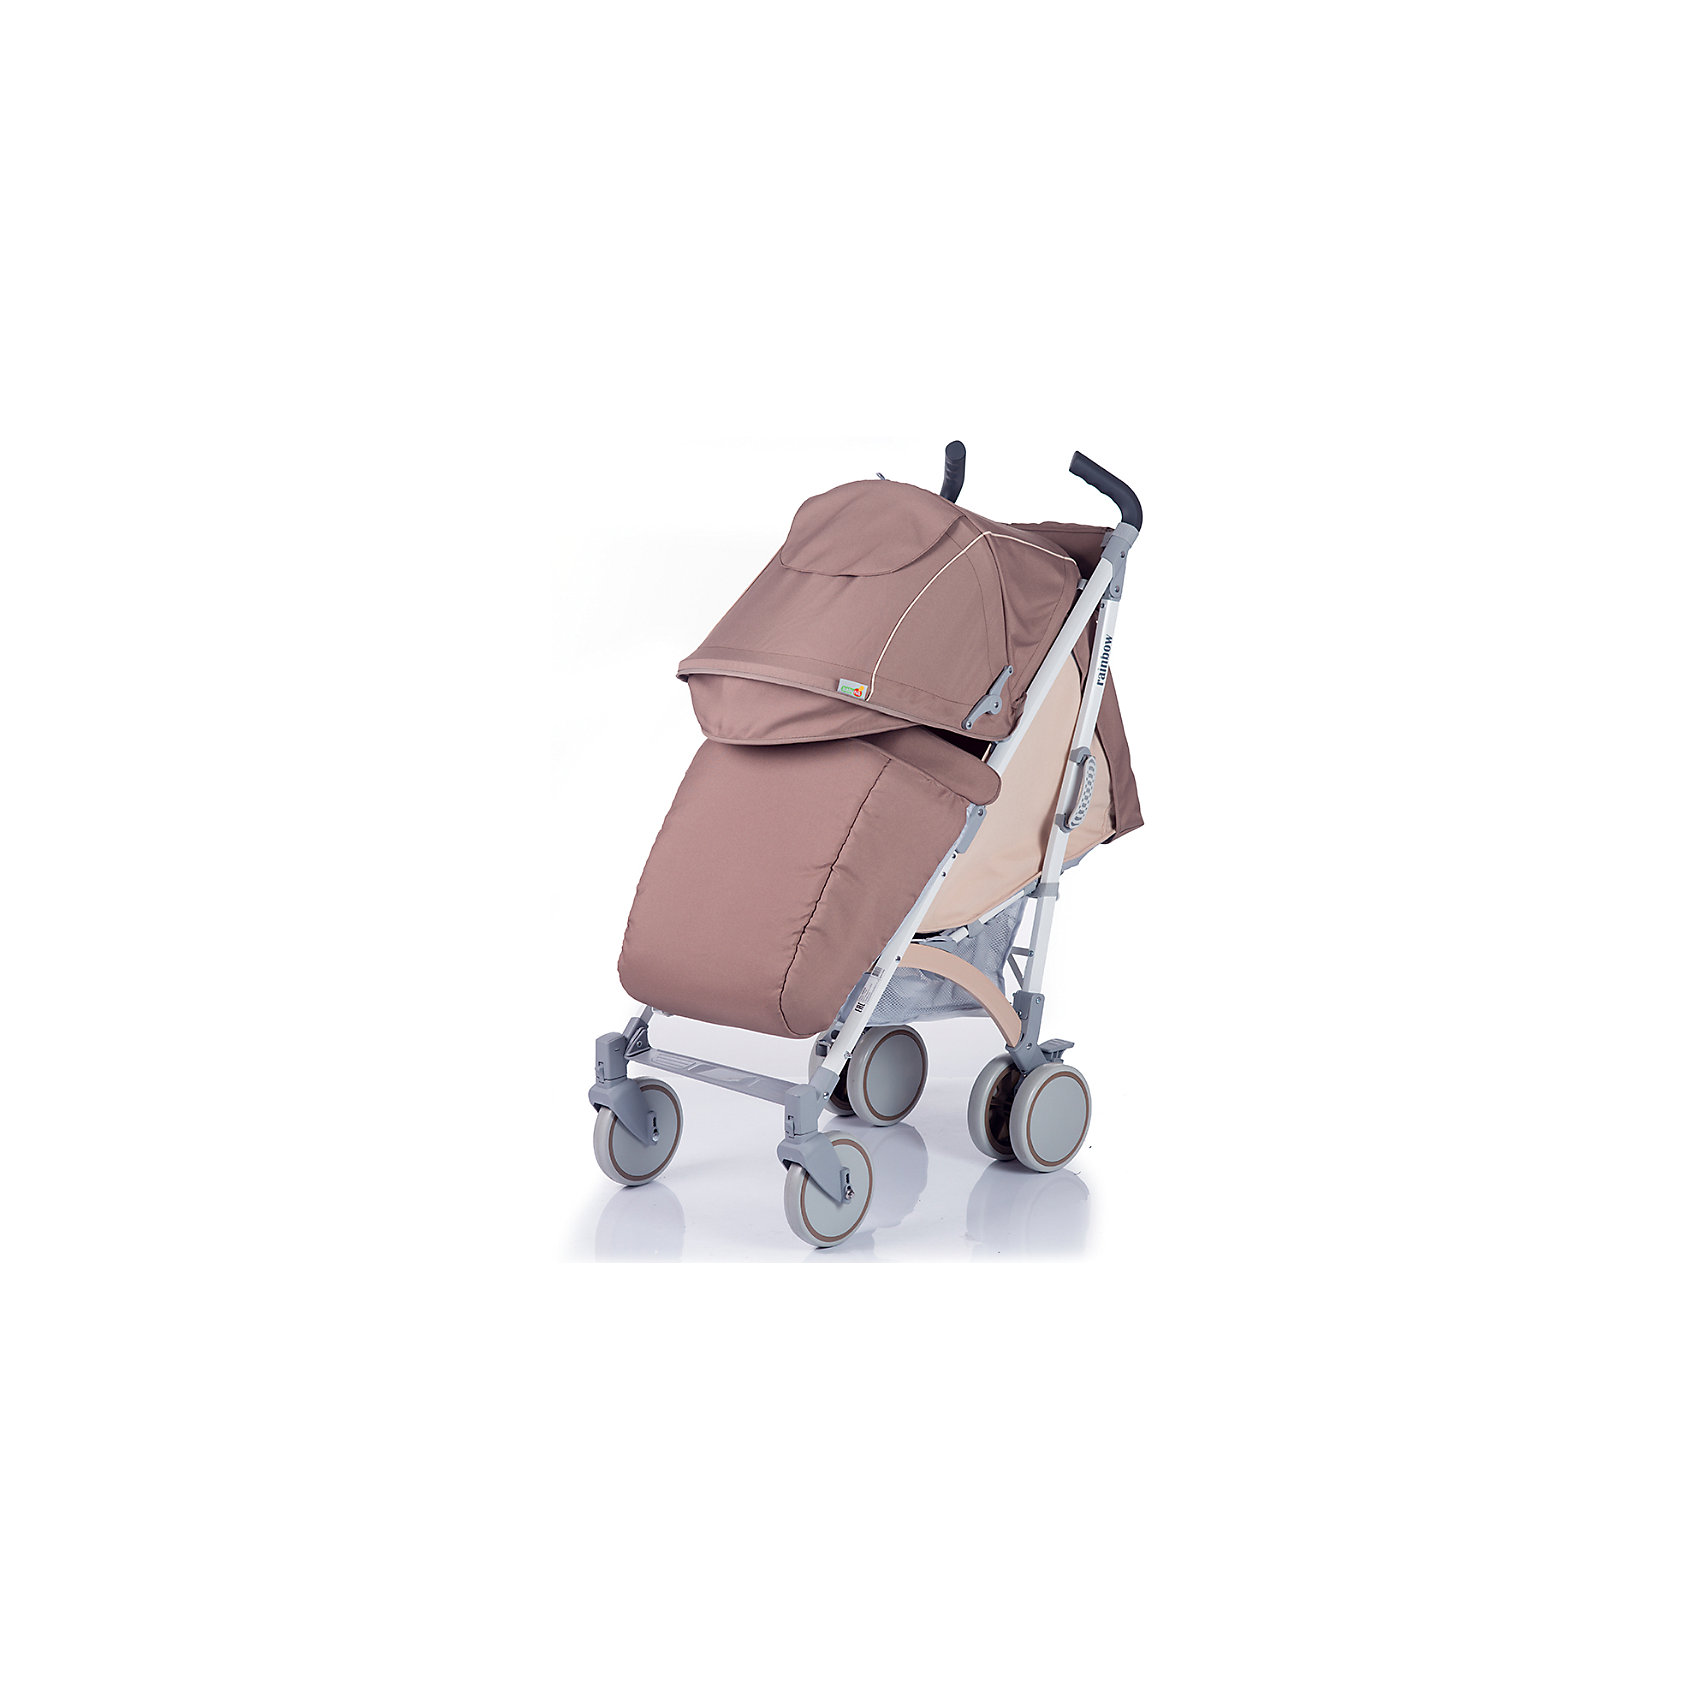 Коляска-трость BabyHit Rainbow, бежевыйКоляски-трости<br>Обновленная коляска-трость Babyhit Rainbow:<br><br>Прогулочная коляска-трость предназначена для детей от 6-ти месяцев до 3-х лет.<br>Спинка сиденья регулируется в 3-х положениях для комфортного отдыха ребенка.<br>5-ти точечные ремни безопасности с мягкими плечевыми накладками и паховый ремень надежно удержат малыша на прогулке.<br>Бампер предназначен для дополнительной безопасности, снимается при необходимости.<br>Подножка регулируемая.<br>Капюшон-батискаф опускается до бампера.<br>Передние поворотные колеса с возможностью фиксации в положении прямо.<br>Все колеса амортизированы.<br>В сложенном виде коляску легко переносить с помощью удобной ручки.<br>Коляска автоматически блокируется при складывании.<br>Корзинка для покупок расположена в нижней части коляски.<br>Размеры коляски в разложенном виде: 85/43/108 см.<br>Ширина сиденья: 35 см.<br>Высота спинки: 47 см.<br>Глубина сиденья: 25 см.<br>Длина подножки: 13 см.<br>Размер спального места при поднятой подножке - 85 х 35 см.  <br>Диаметр колес: 18 см.<br>Вес коляски - 7,4 кг.<br>В комплекте:<br>Чехол для ножек. <br>Дождевик.<br>Москитная сетка.<br>Корзинка для покупок.<br>Сумочка на ручках<br>Отличительные особенности обновленной Babyhit Rainbow: увеличенный по длине полог, полностью съемная ткань (чехол), эргономичные полиуретановые ручки.<br><br>Ширина мм: 260<br>Глубина мм: 250<br>Высота мм: 900<br>Вес г: 10000<br>Возраст от месяцев: 6<br>Возраст до месяцев: 36<br>Пол: Унисекс<br>Возраст: Детский<br>SKU: 5584576